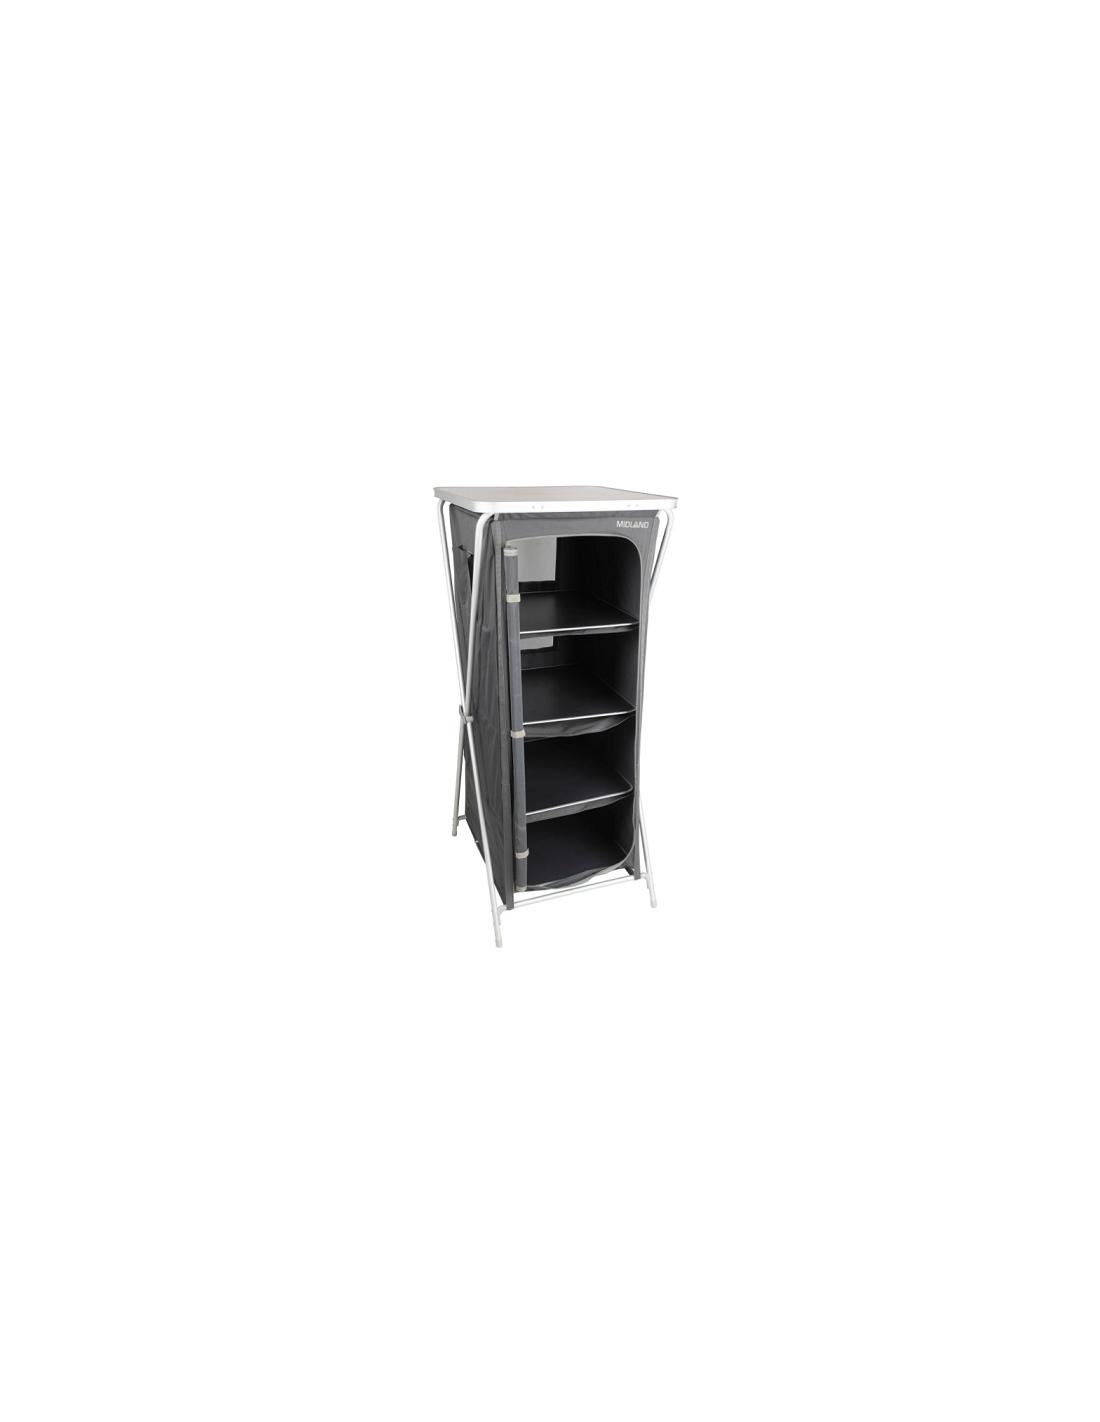 Mueble de cocina regulus midland tienda de camping online - Muebles de cocina camping ...